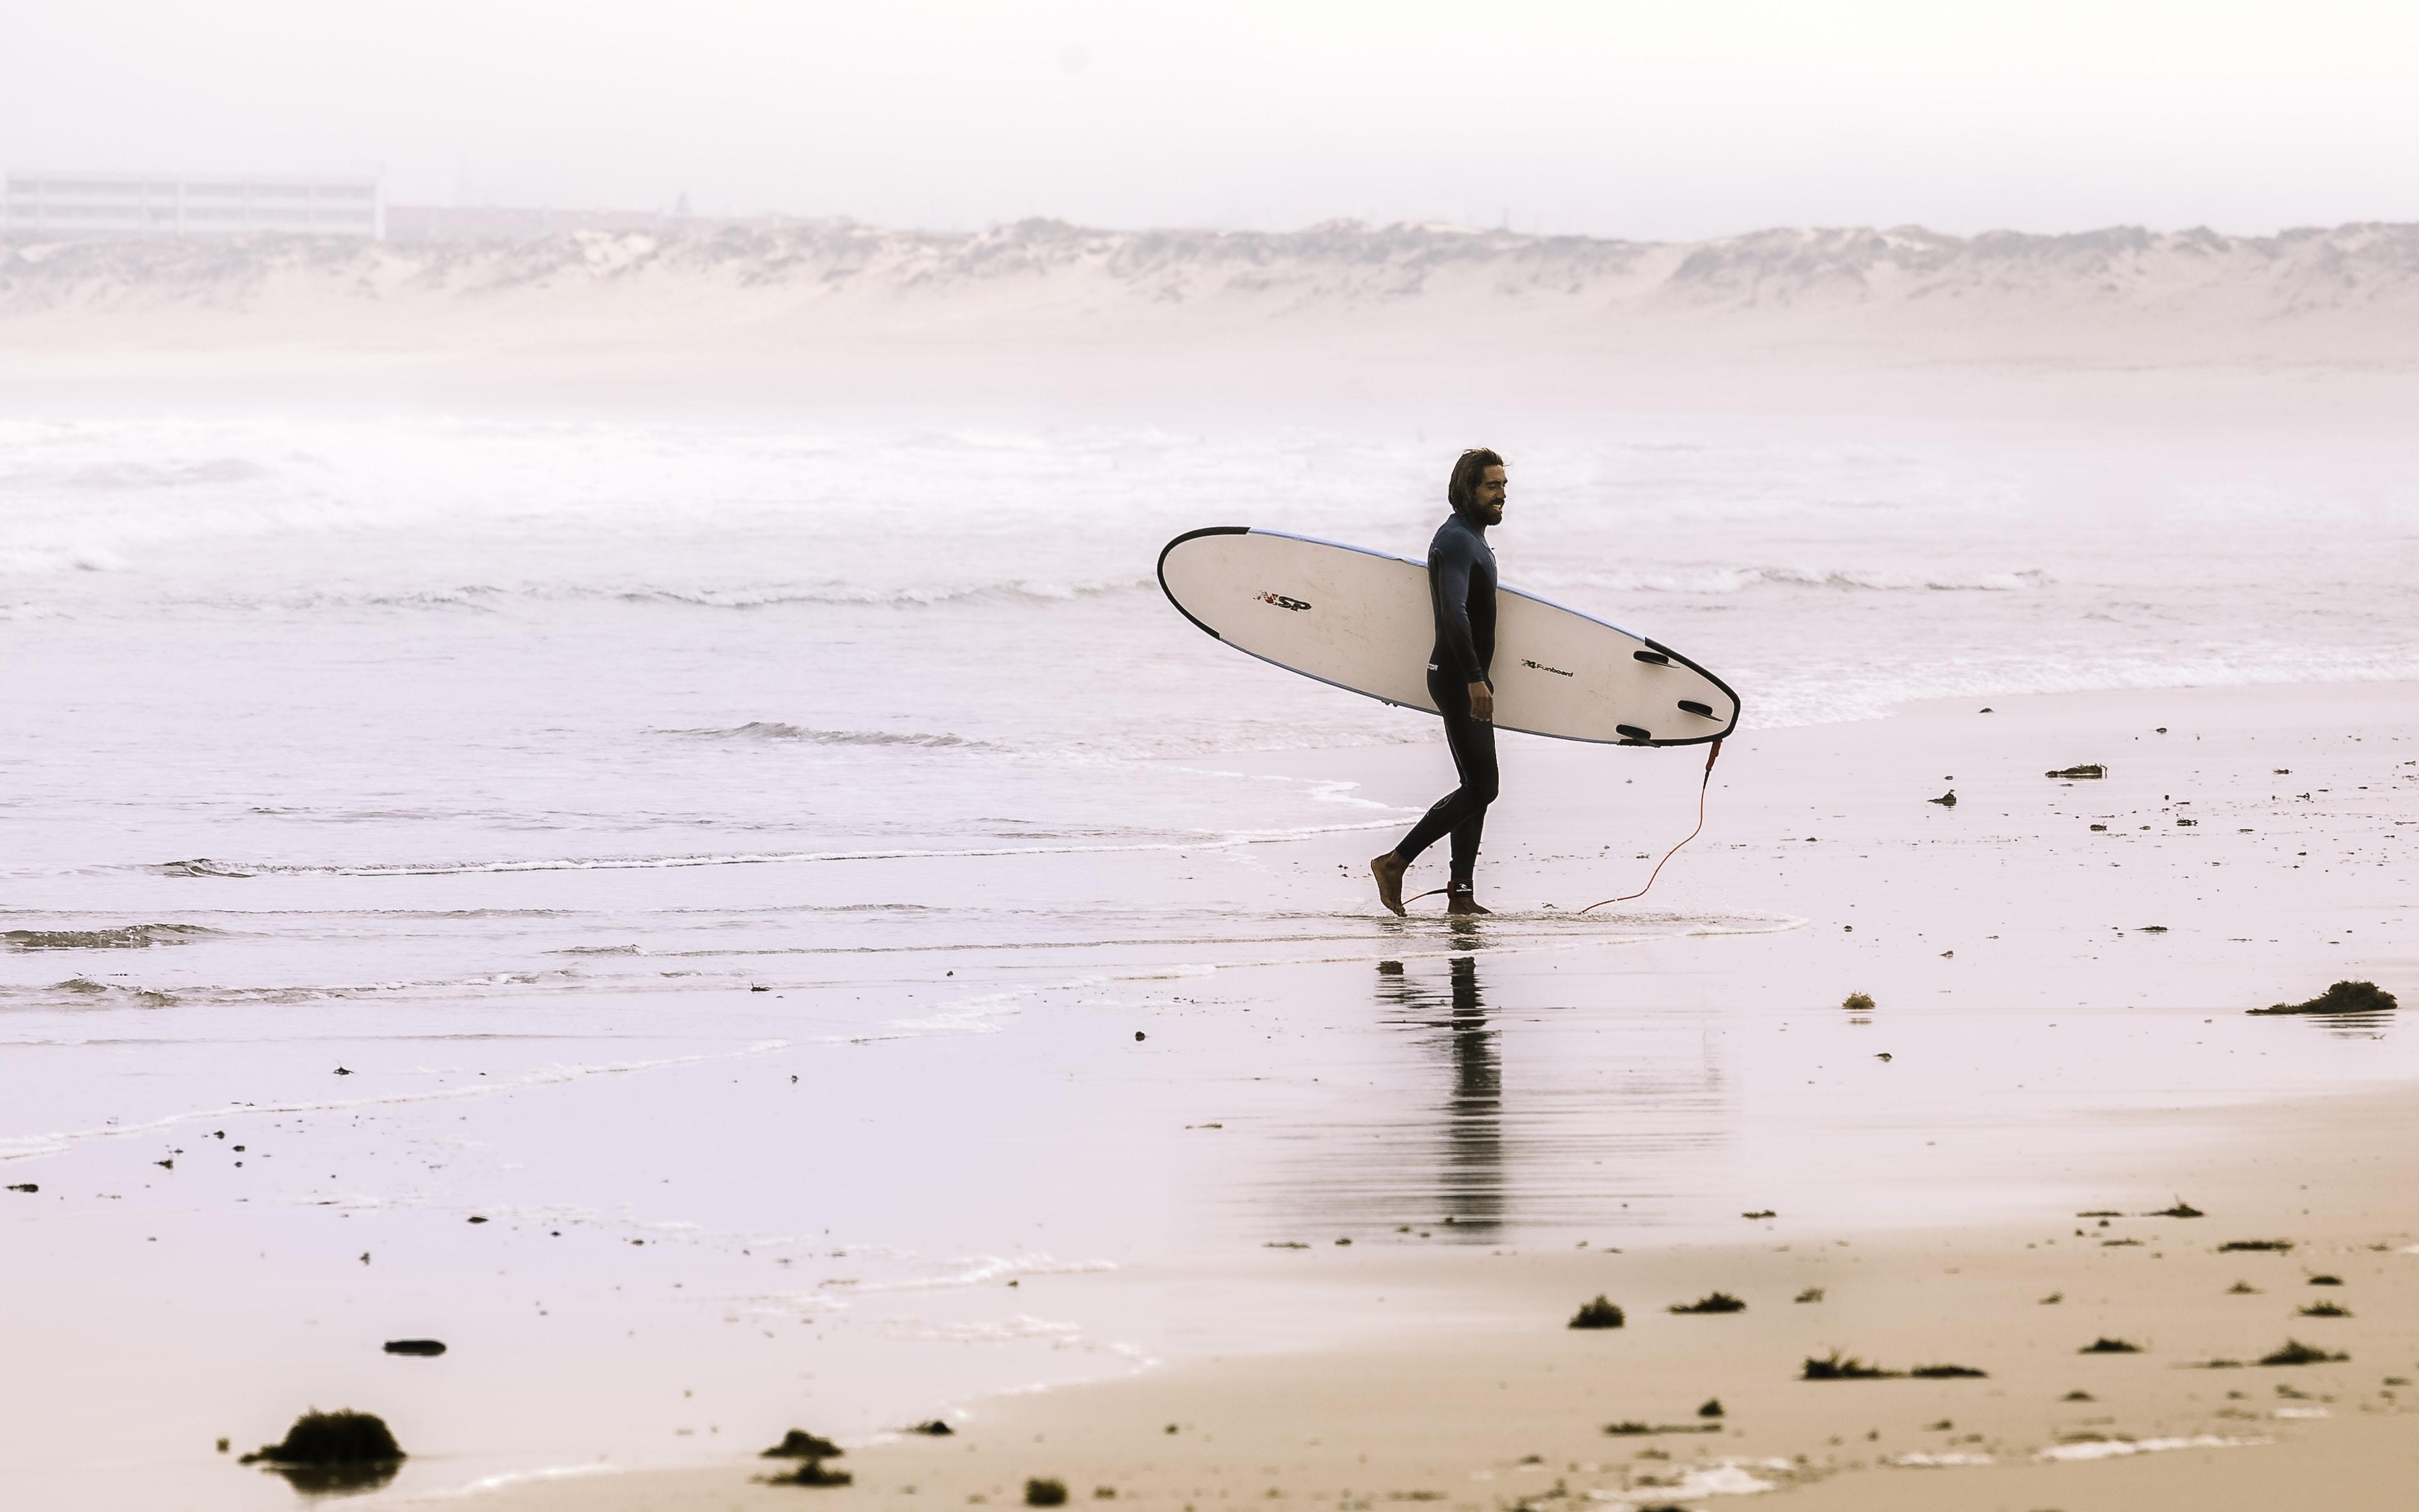 A male wearing a wetsuit holding a surfboard walking by the ocean in Praia de Peniche de Cima